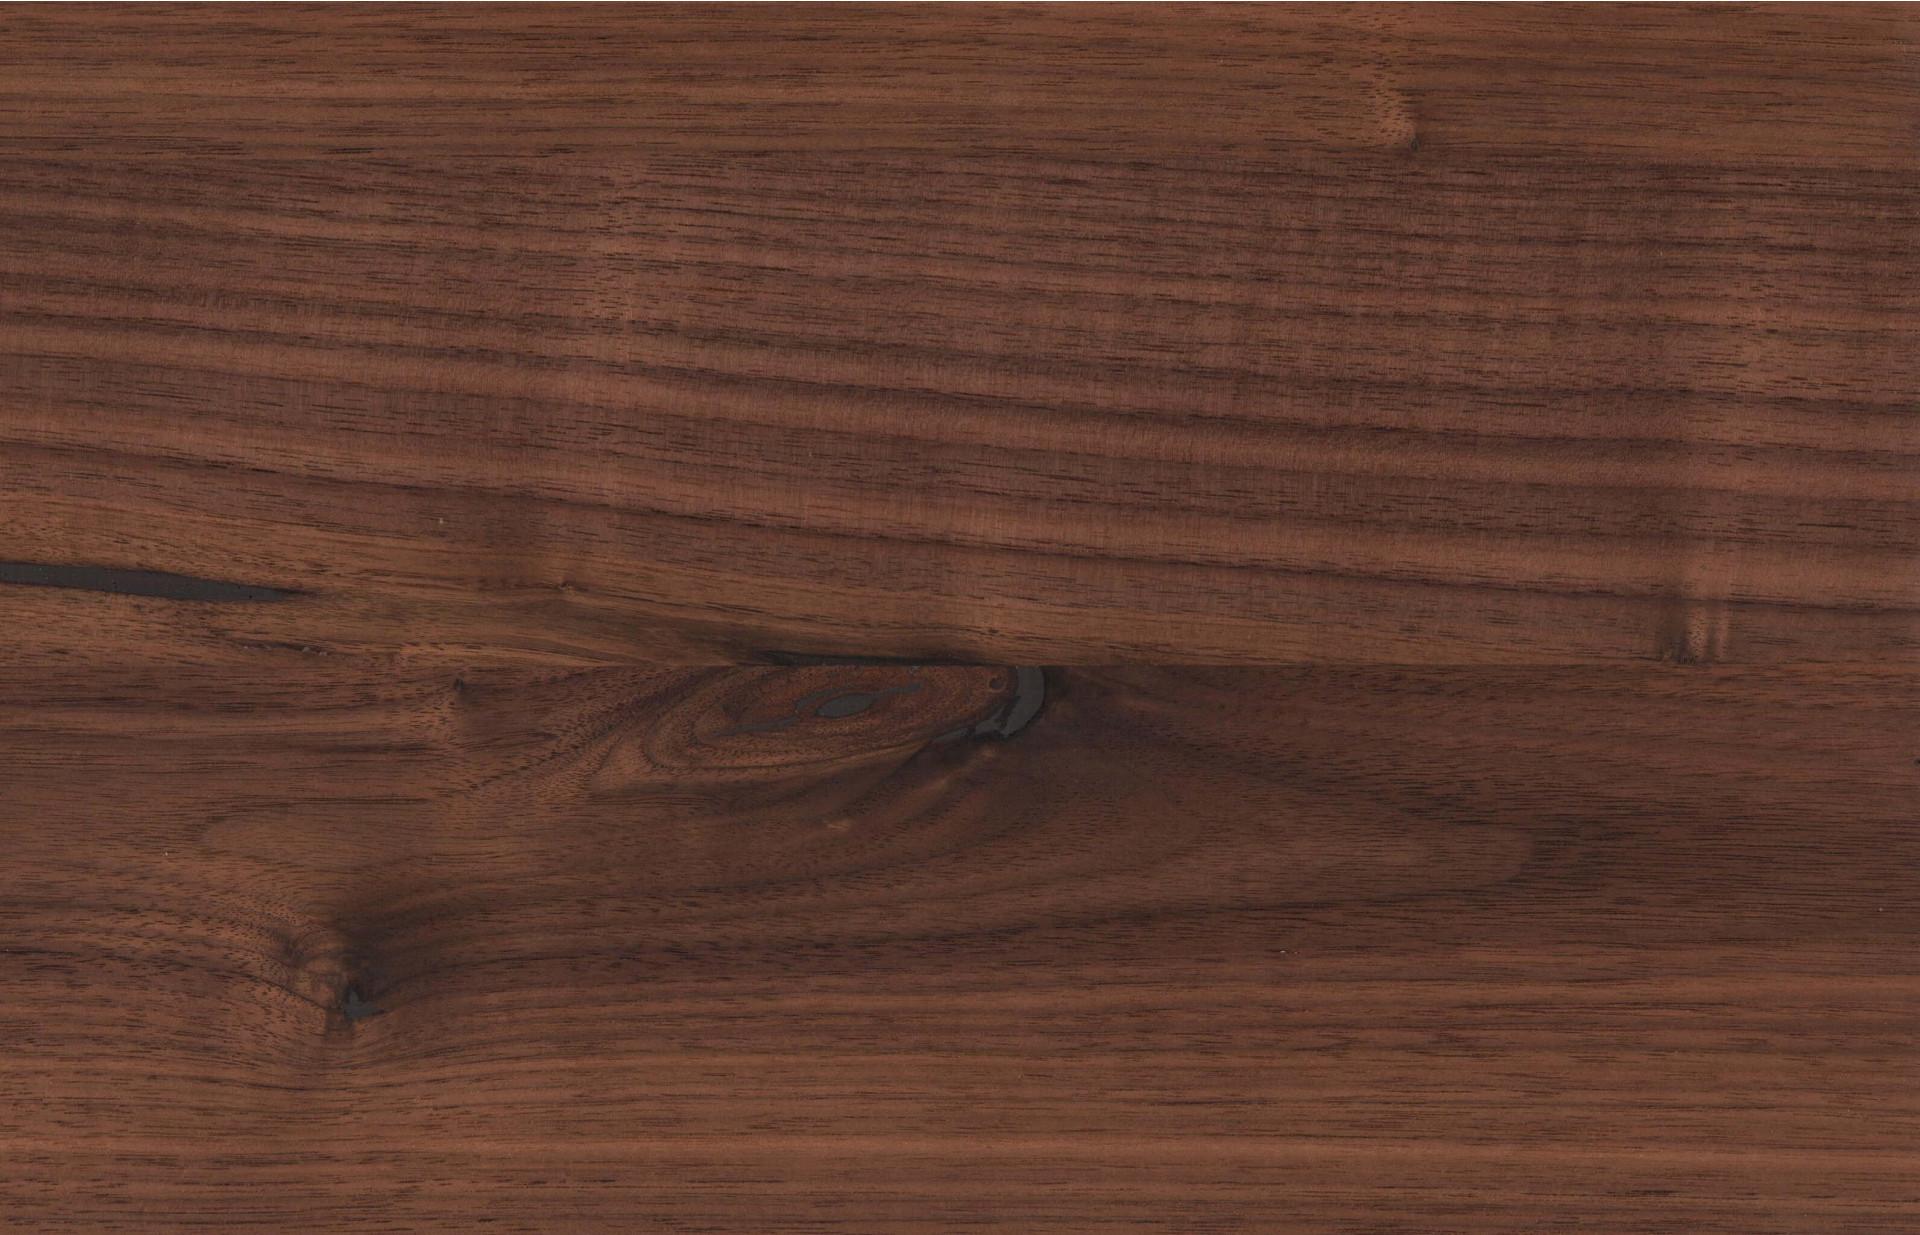 Holzmuster in Eiche Wildnuss natur geölt